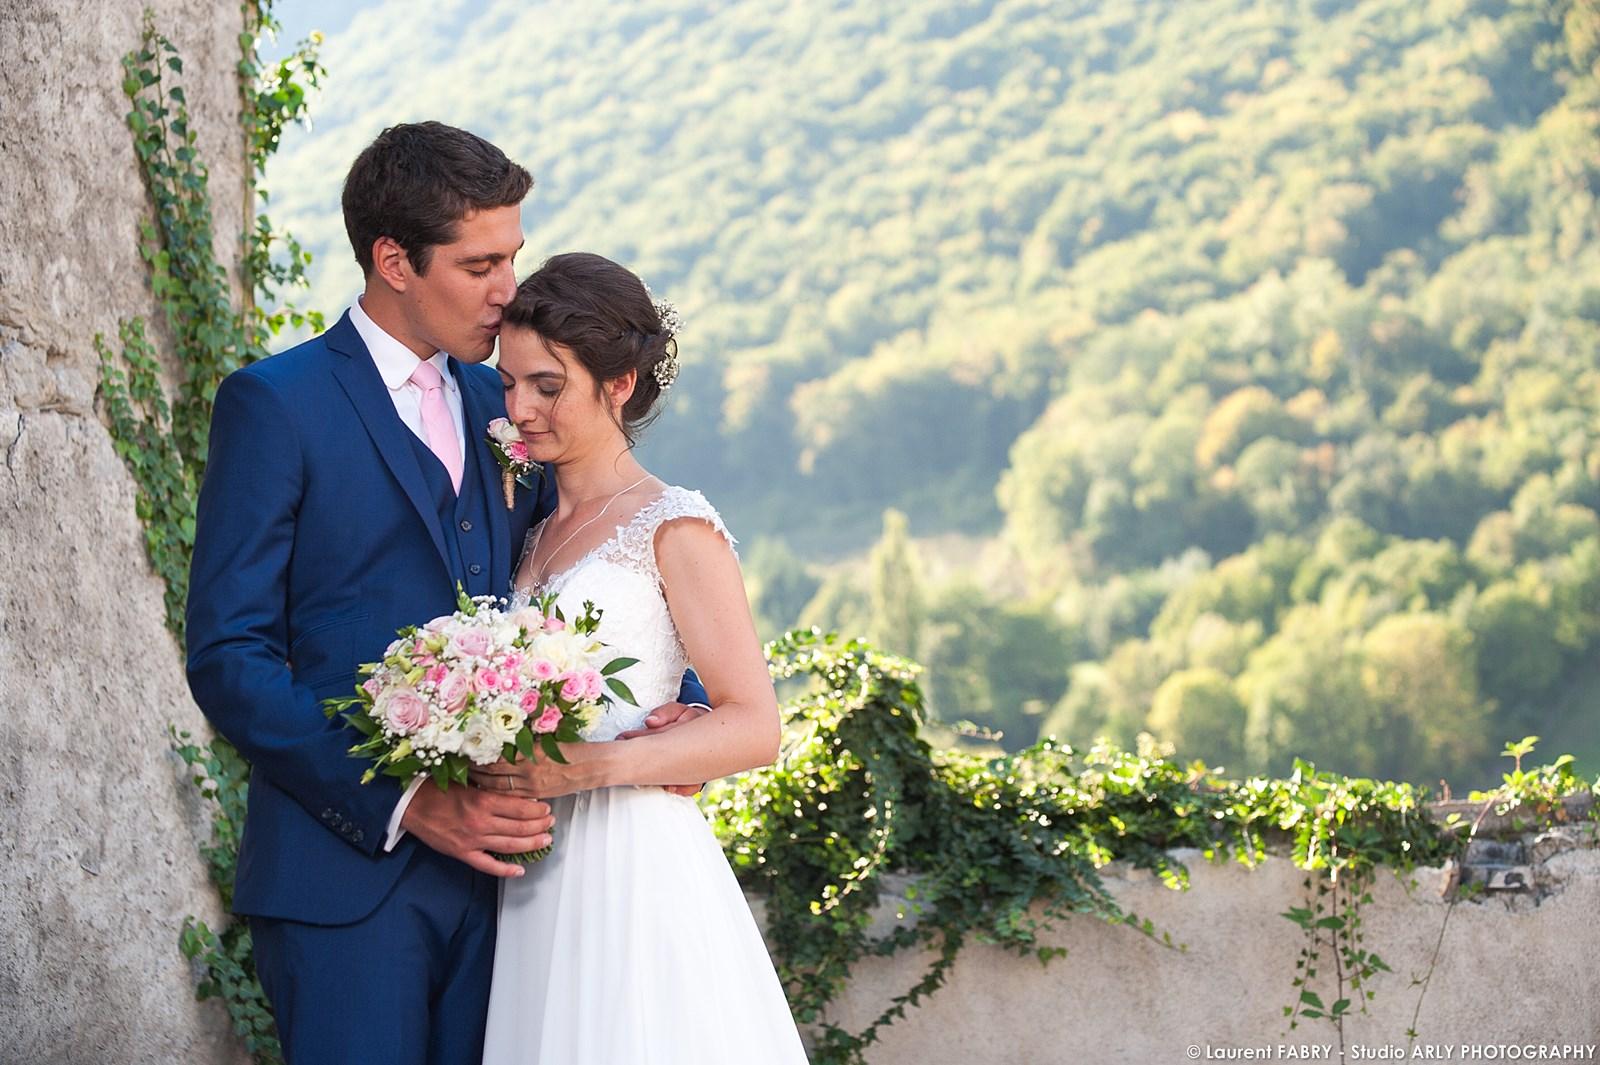 Photographe mariage en Savoie : portrait des mariés